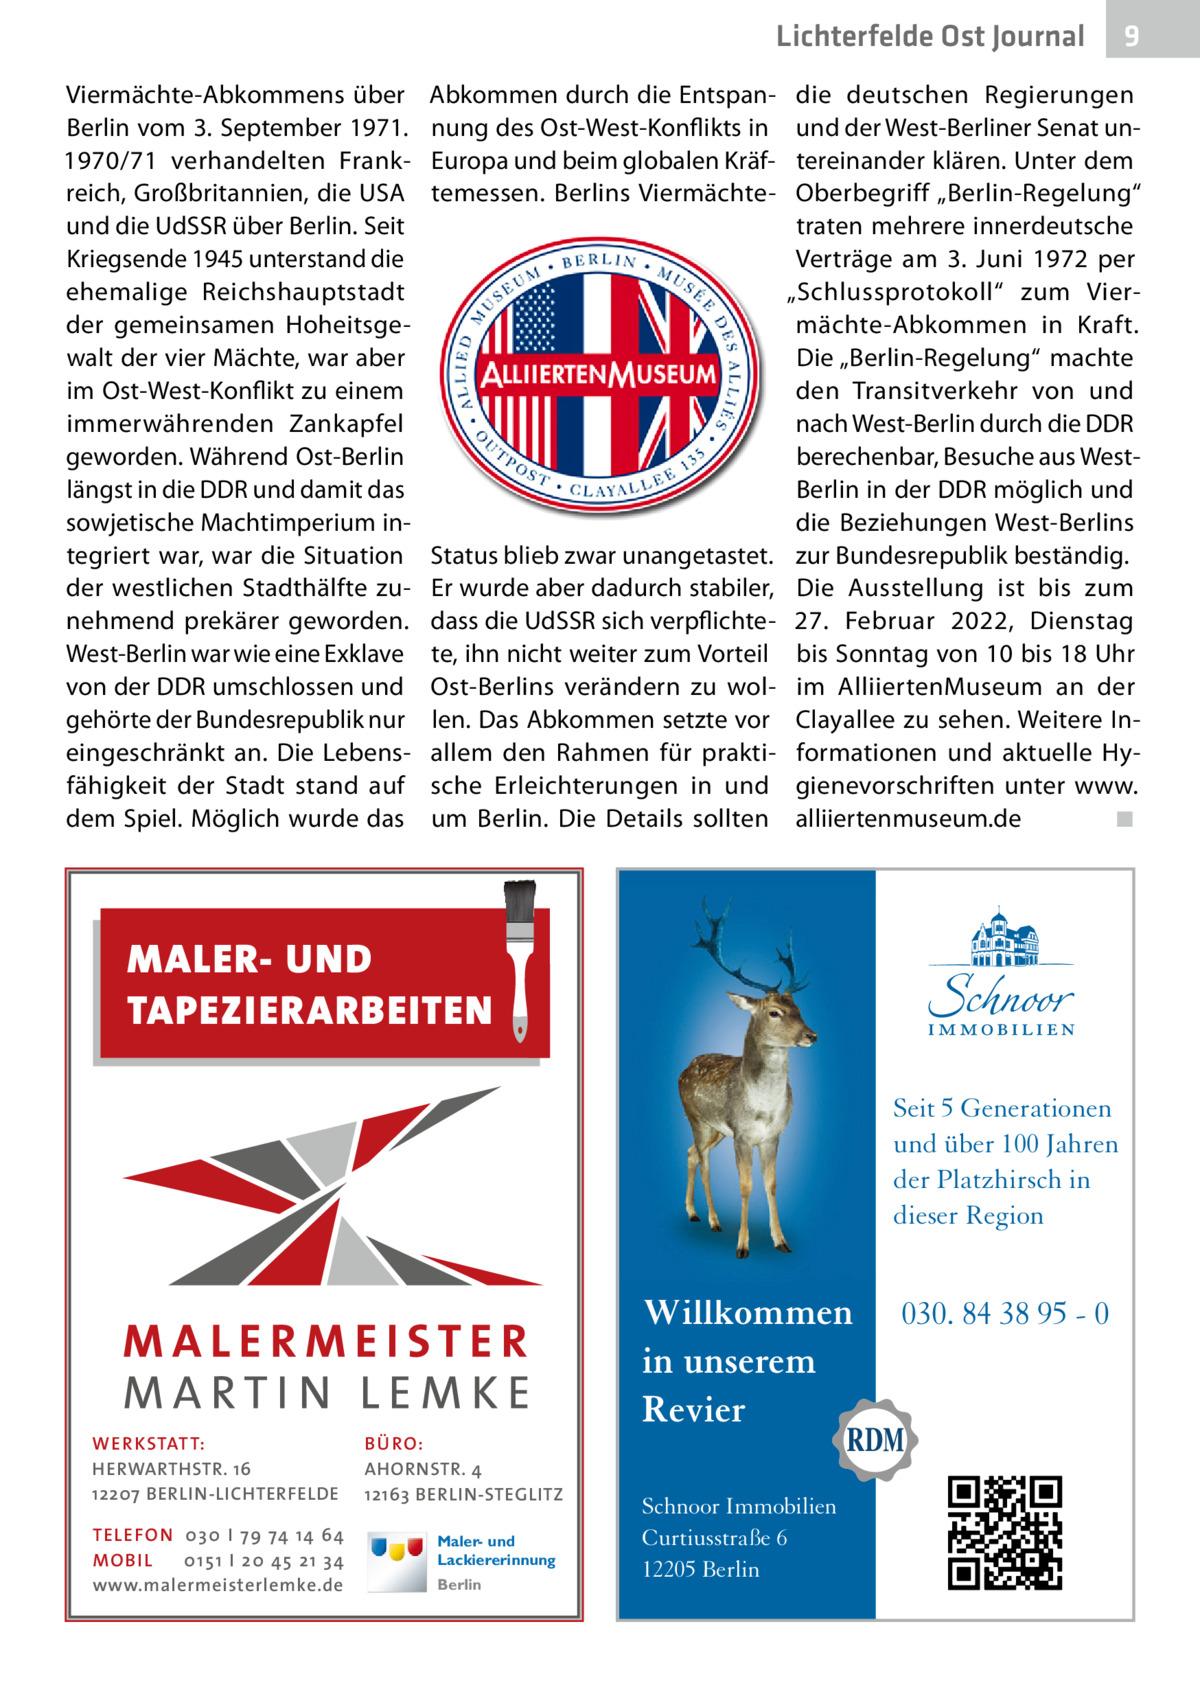 """Lichterfelde Ost Journal Viermächte-Abkommens über Berlin vom 3.September 1971. 1970/71 verhandelten Frankreich, Großbritannien, die USA und die UdSSR über Berlin. Seit Kriegsende 1945 unterstand die ehemalige Reichshauptstadt der gemeinsamen Hoheitsgewalt der vier Mächte, war aber im Ost-West-Konflikt zu einem immerwährenden Zankapfel geworden. Während Ost-Berlin längst in die DDR und damit das sowjetische Machtimperium integriert war, war die Situation der westlichen Stadthälfte zunehmend prekärer geworden. West-Berlin war wie eine Exklave von der DDR umschlossen und gehörte der Bundesrepublik nur eingeschränkt an. Die Lebensfähigkeit der Stadt stand auf dem Spiel. Möglich wurde das  Abkommen durch die Entspannung des Ost-West-Konflikts in Europa und beim globalen Kräftemessen. Berlins Viermächte Status blieb zwar unangetastet. Er wurde aber dadurch stabiler, dass die UdSSR sich verpflichtete, ihn nicht weiter zum Vorteil Ost-Berlins verändern zu wollen. Das Abkommen setzte vor allem den Rahmen für praktische Erleichterungen in und um Berlin. Die Details sollten  die deutschen Regierungen und der West-Berliner Senat untereinander klären. Unter dem Oberbegriff """"Berlin-Regelung"""" traten mehrere innerdeutsche Verträge am 3. Juni 1972 per """"Schlussprotokoll"""" zum Viermächte-Abkommen in Kraft. Die """"Berlin-Regelung"""" machte den Transitverkehr von und nach West-Berlin durch die DDR berechenbar, Besuche aus WestBerlin in der DDR möglich und die Beziehungen West-Berlins zur Bundesrepublik beständig. Die Ausstellung ist bis zum 27. Februar 2022, Dienstag bis Sonntag von 10 bis 18Uhr im AlliiertenMuseum an der Clayallee zu sehen. Weitere Informationen und aktuelle Hygienevorschriften unter www. alliiertenmuseum.de � ◾  MALER- UND TAPEZIERARBEITEN Seit 5 Generationen und über 100 Jahren der Platzhirsch in dieser Region  WER KSTATT: HERWARTHSTR. 16 12207 BERLIN-LICHTERFELDE TE LE FON 0 3 0 I 7 9 74 14 64 MO B I L 0 1 5 1 I 2 0 45 2 1 3 4 www.malermeisterlemke.de  BÜ RO: AHORNSTR. """